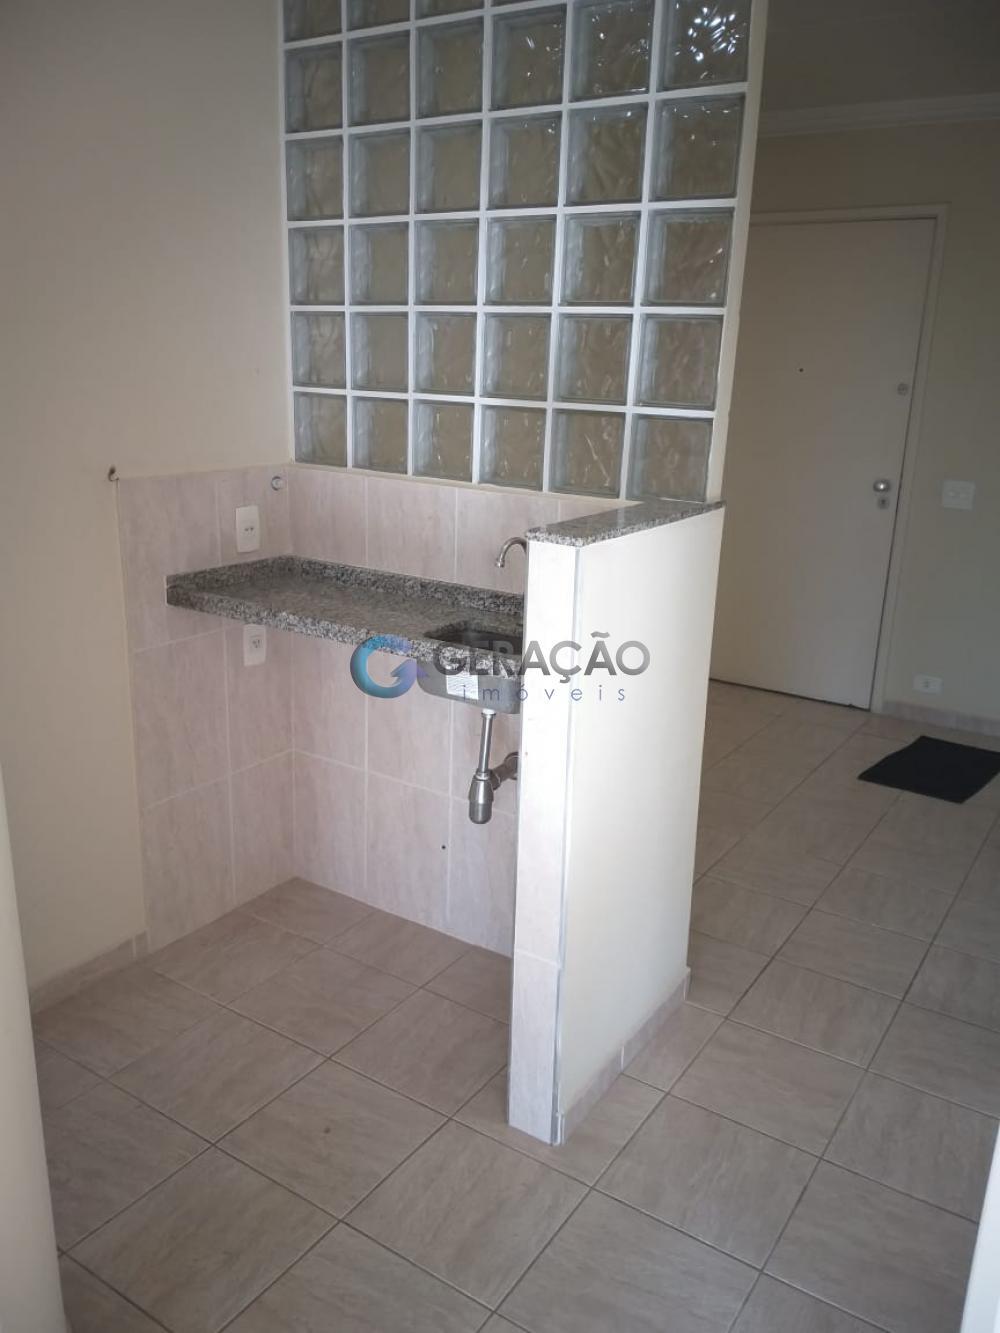 Comprar Comercial / Sala em Condomínio em São José dos Campos apenas R$ 140.000,00 - Foto 1